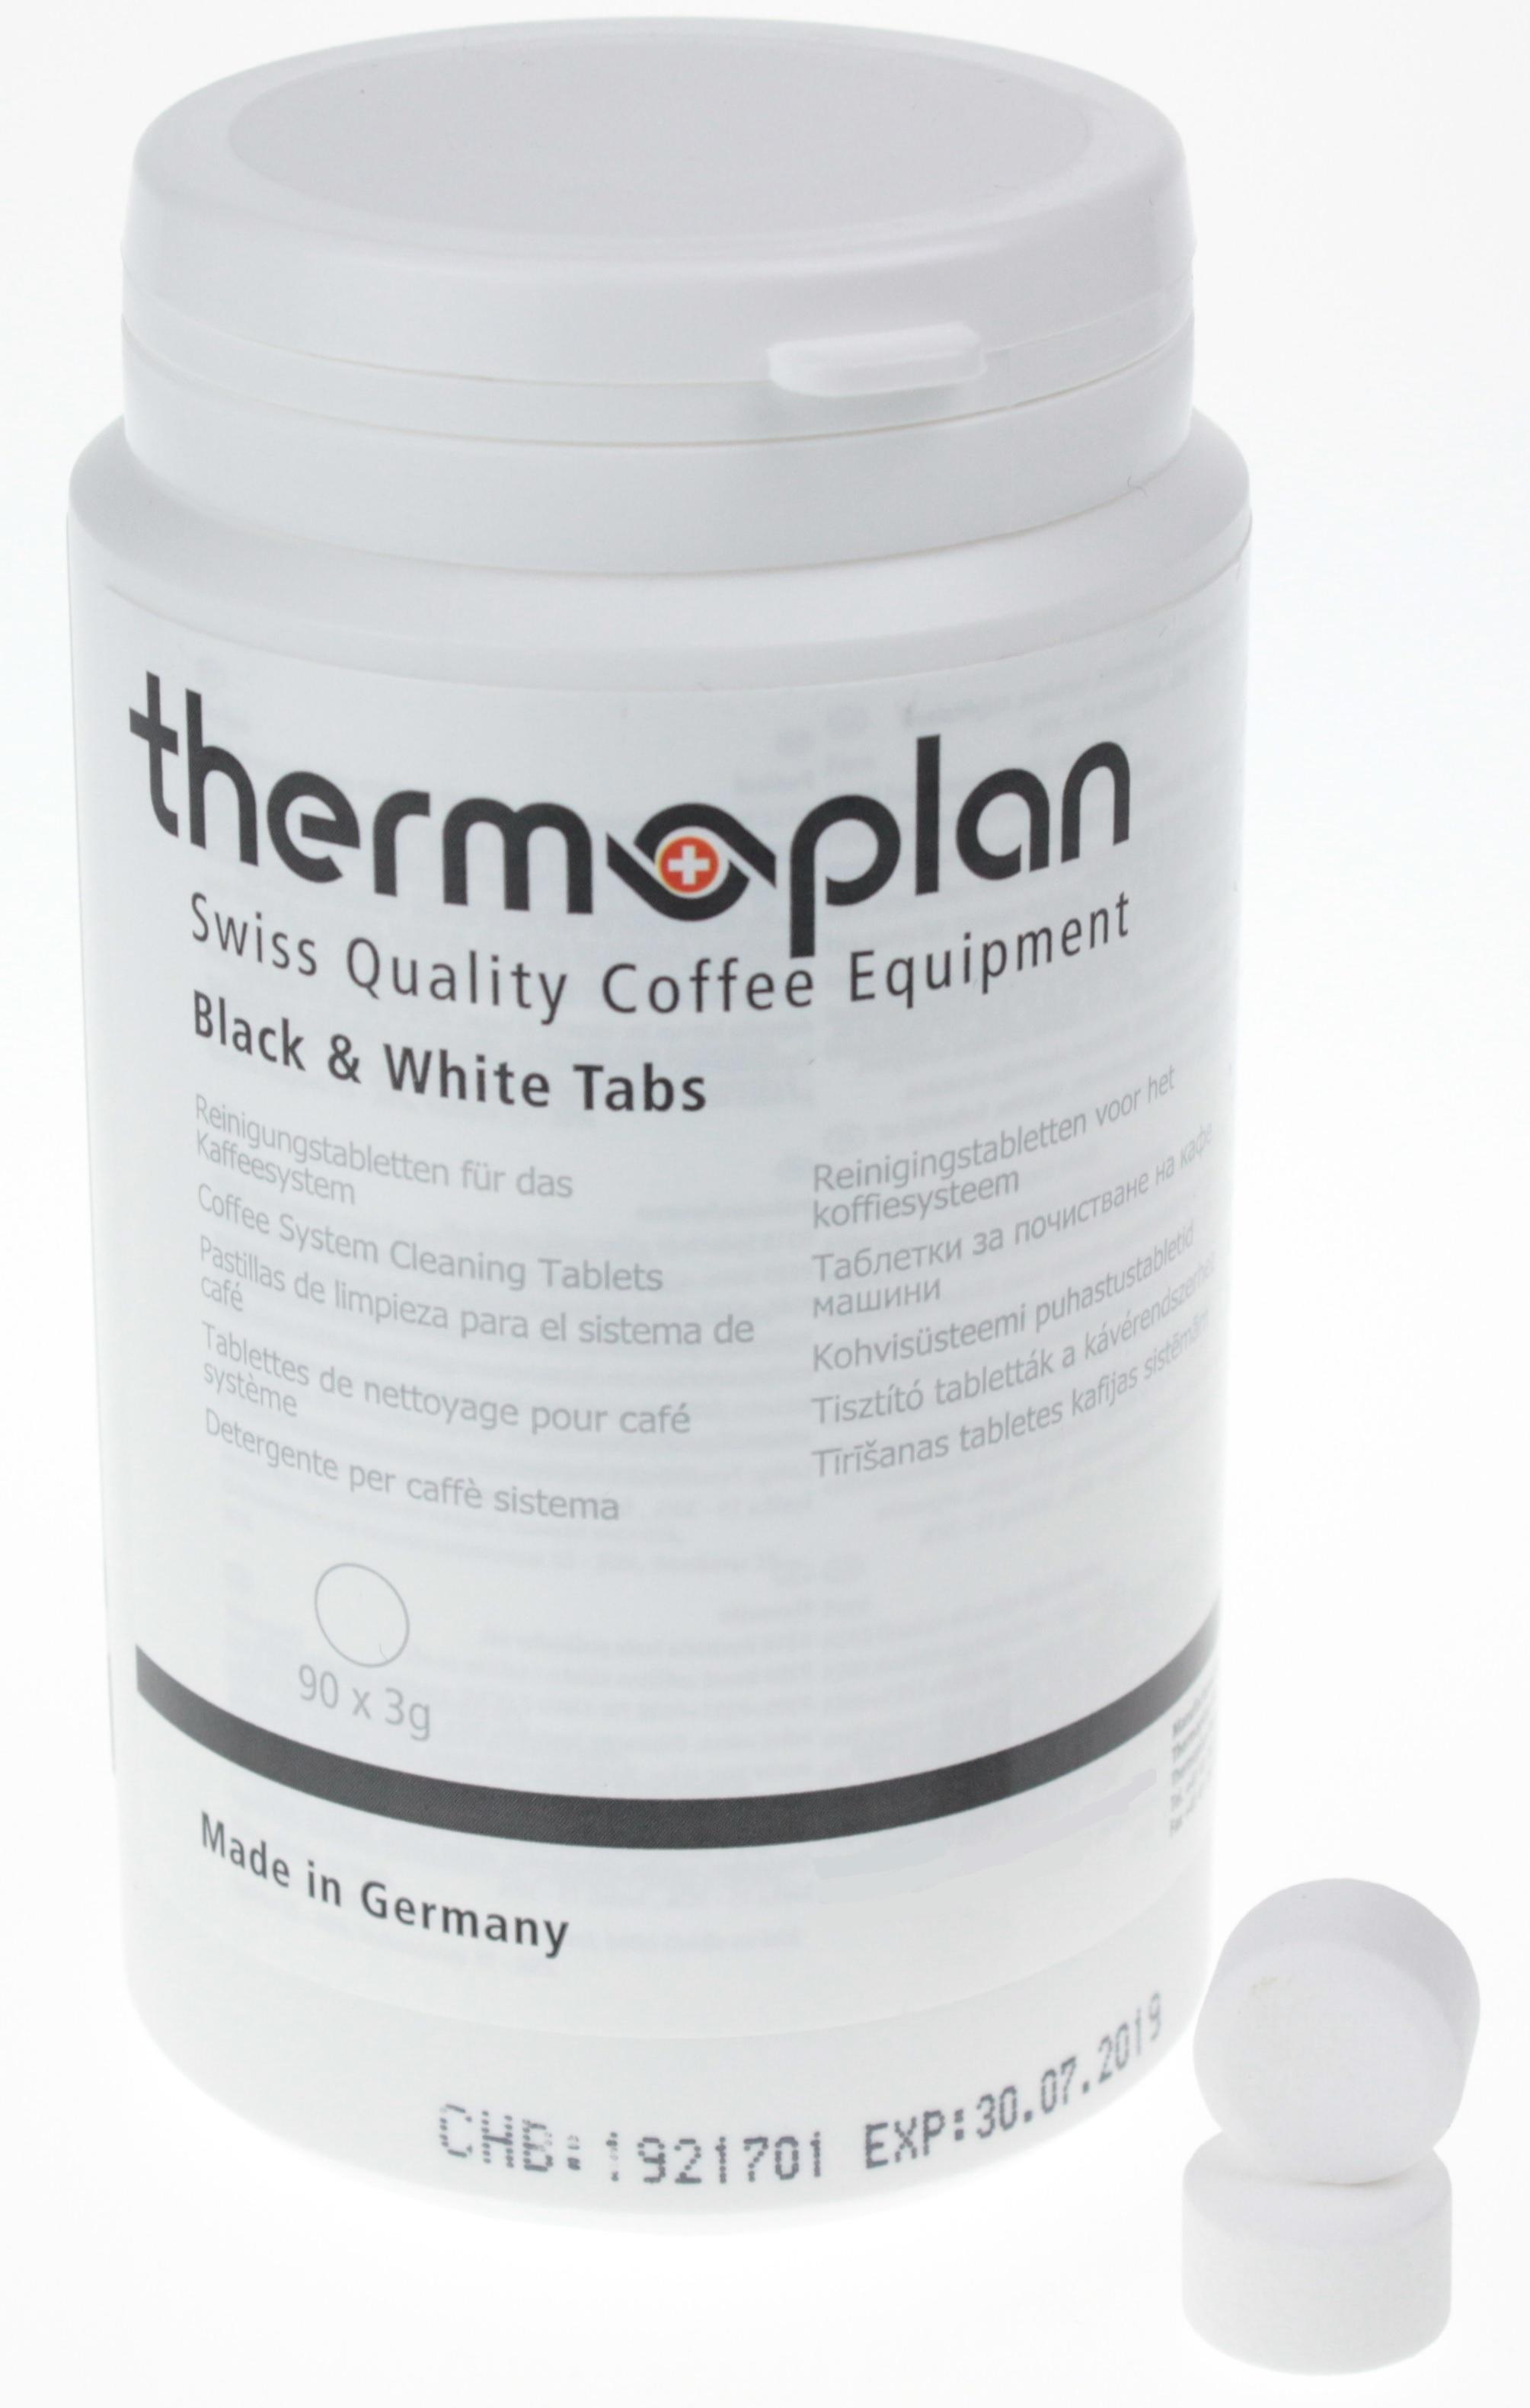 thermoplan reinigungstabletten f r tiger bw one und black white 90 x 3g. Black Bedroom Furniture Sets. Home Design Ideas